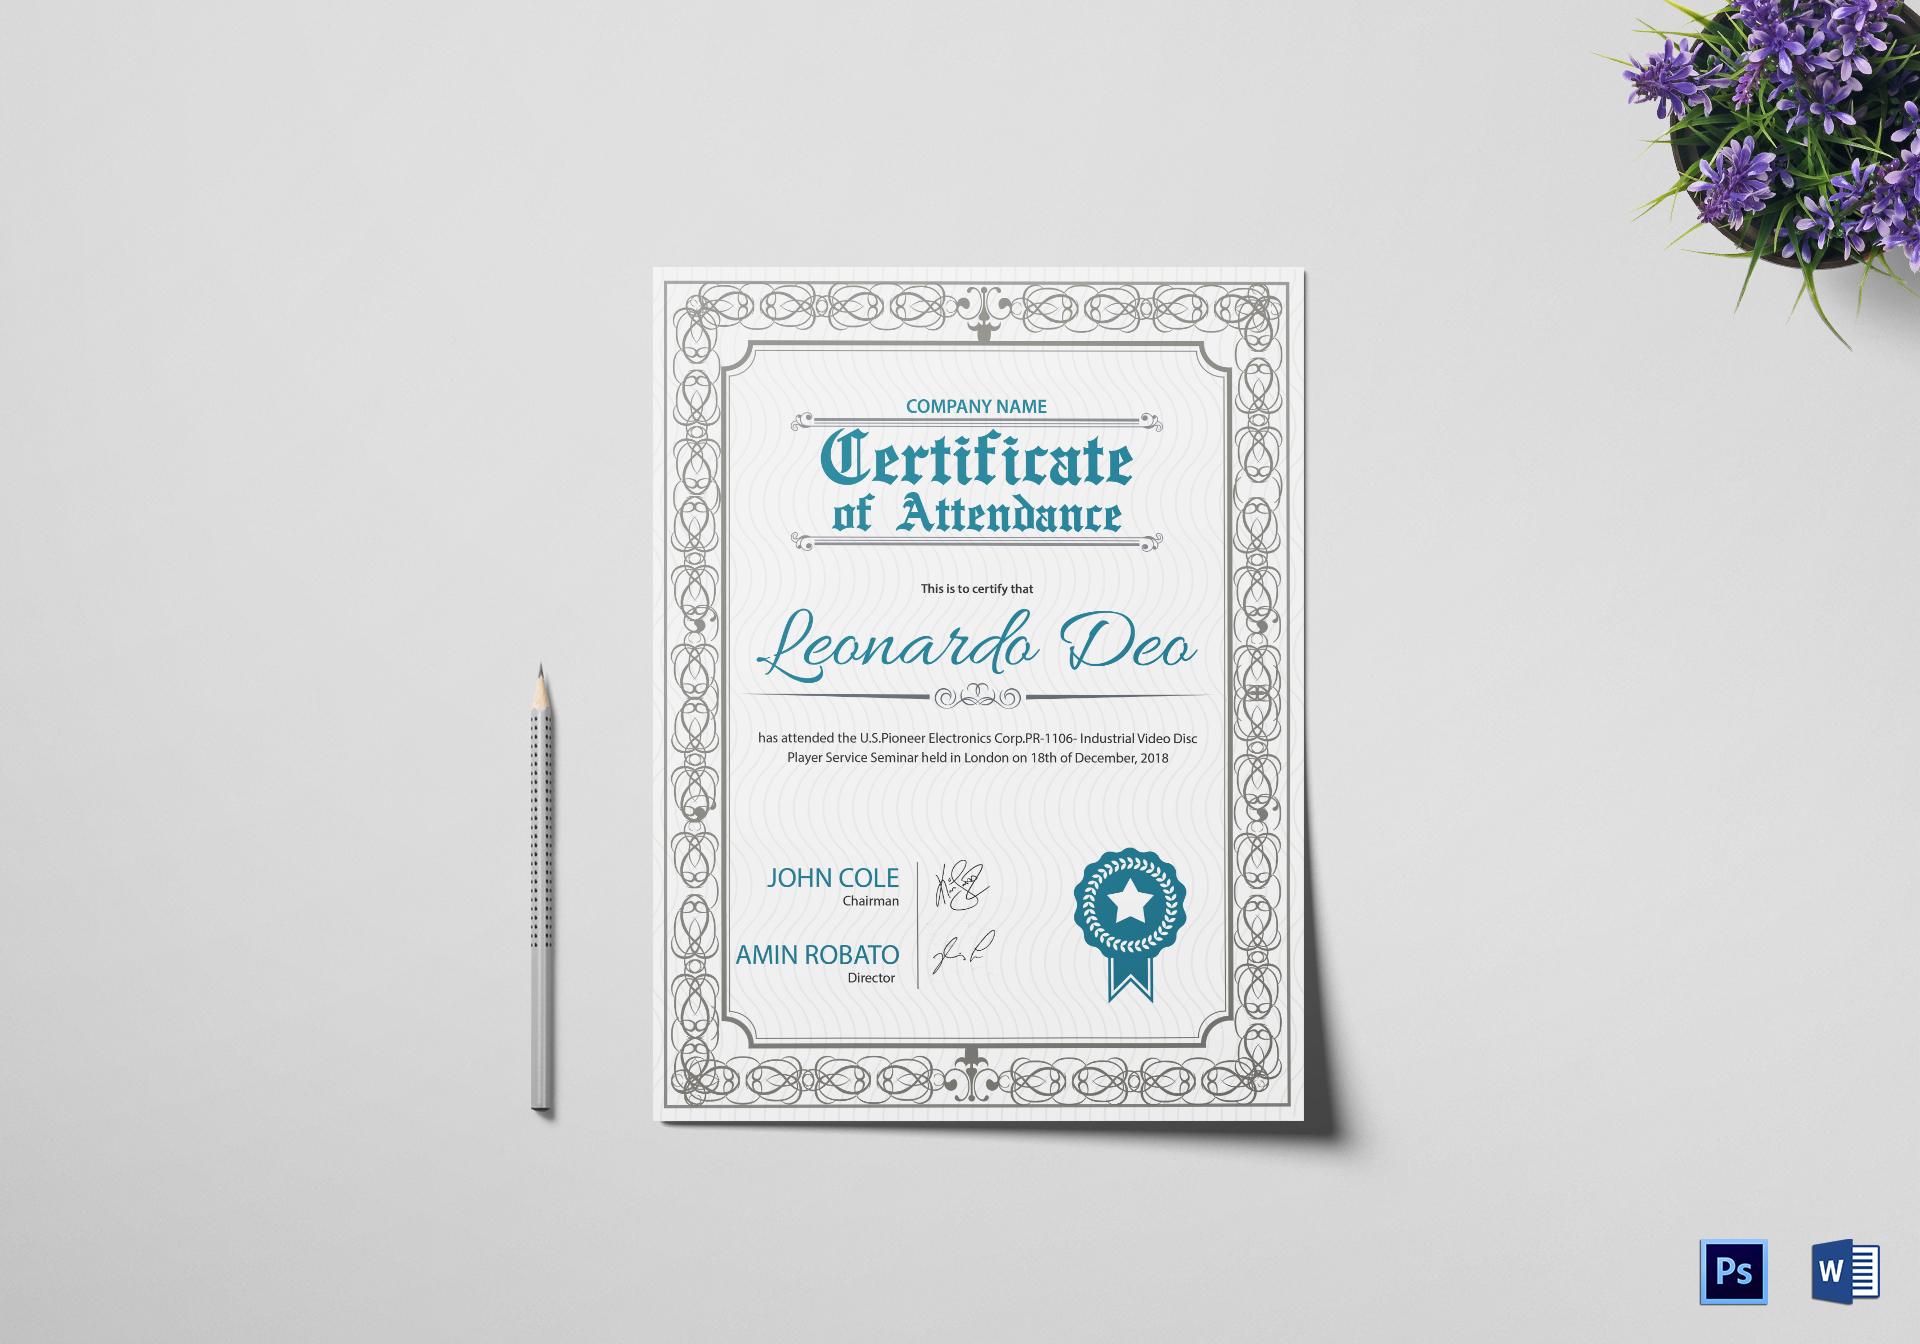 Regular Attendance Certificate